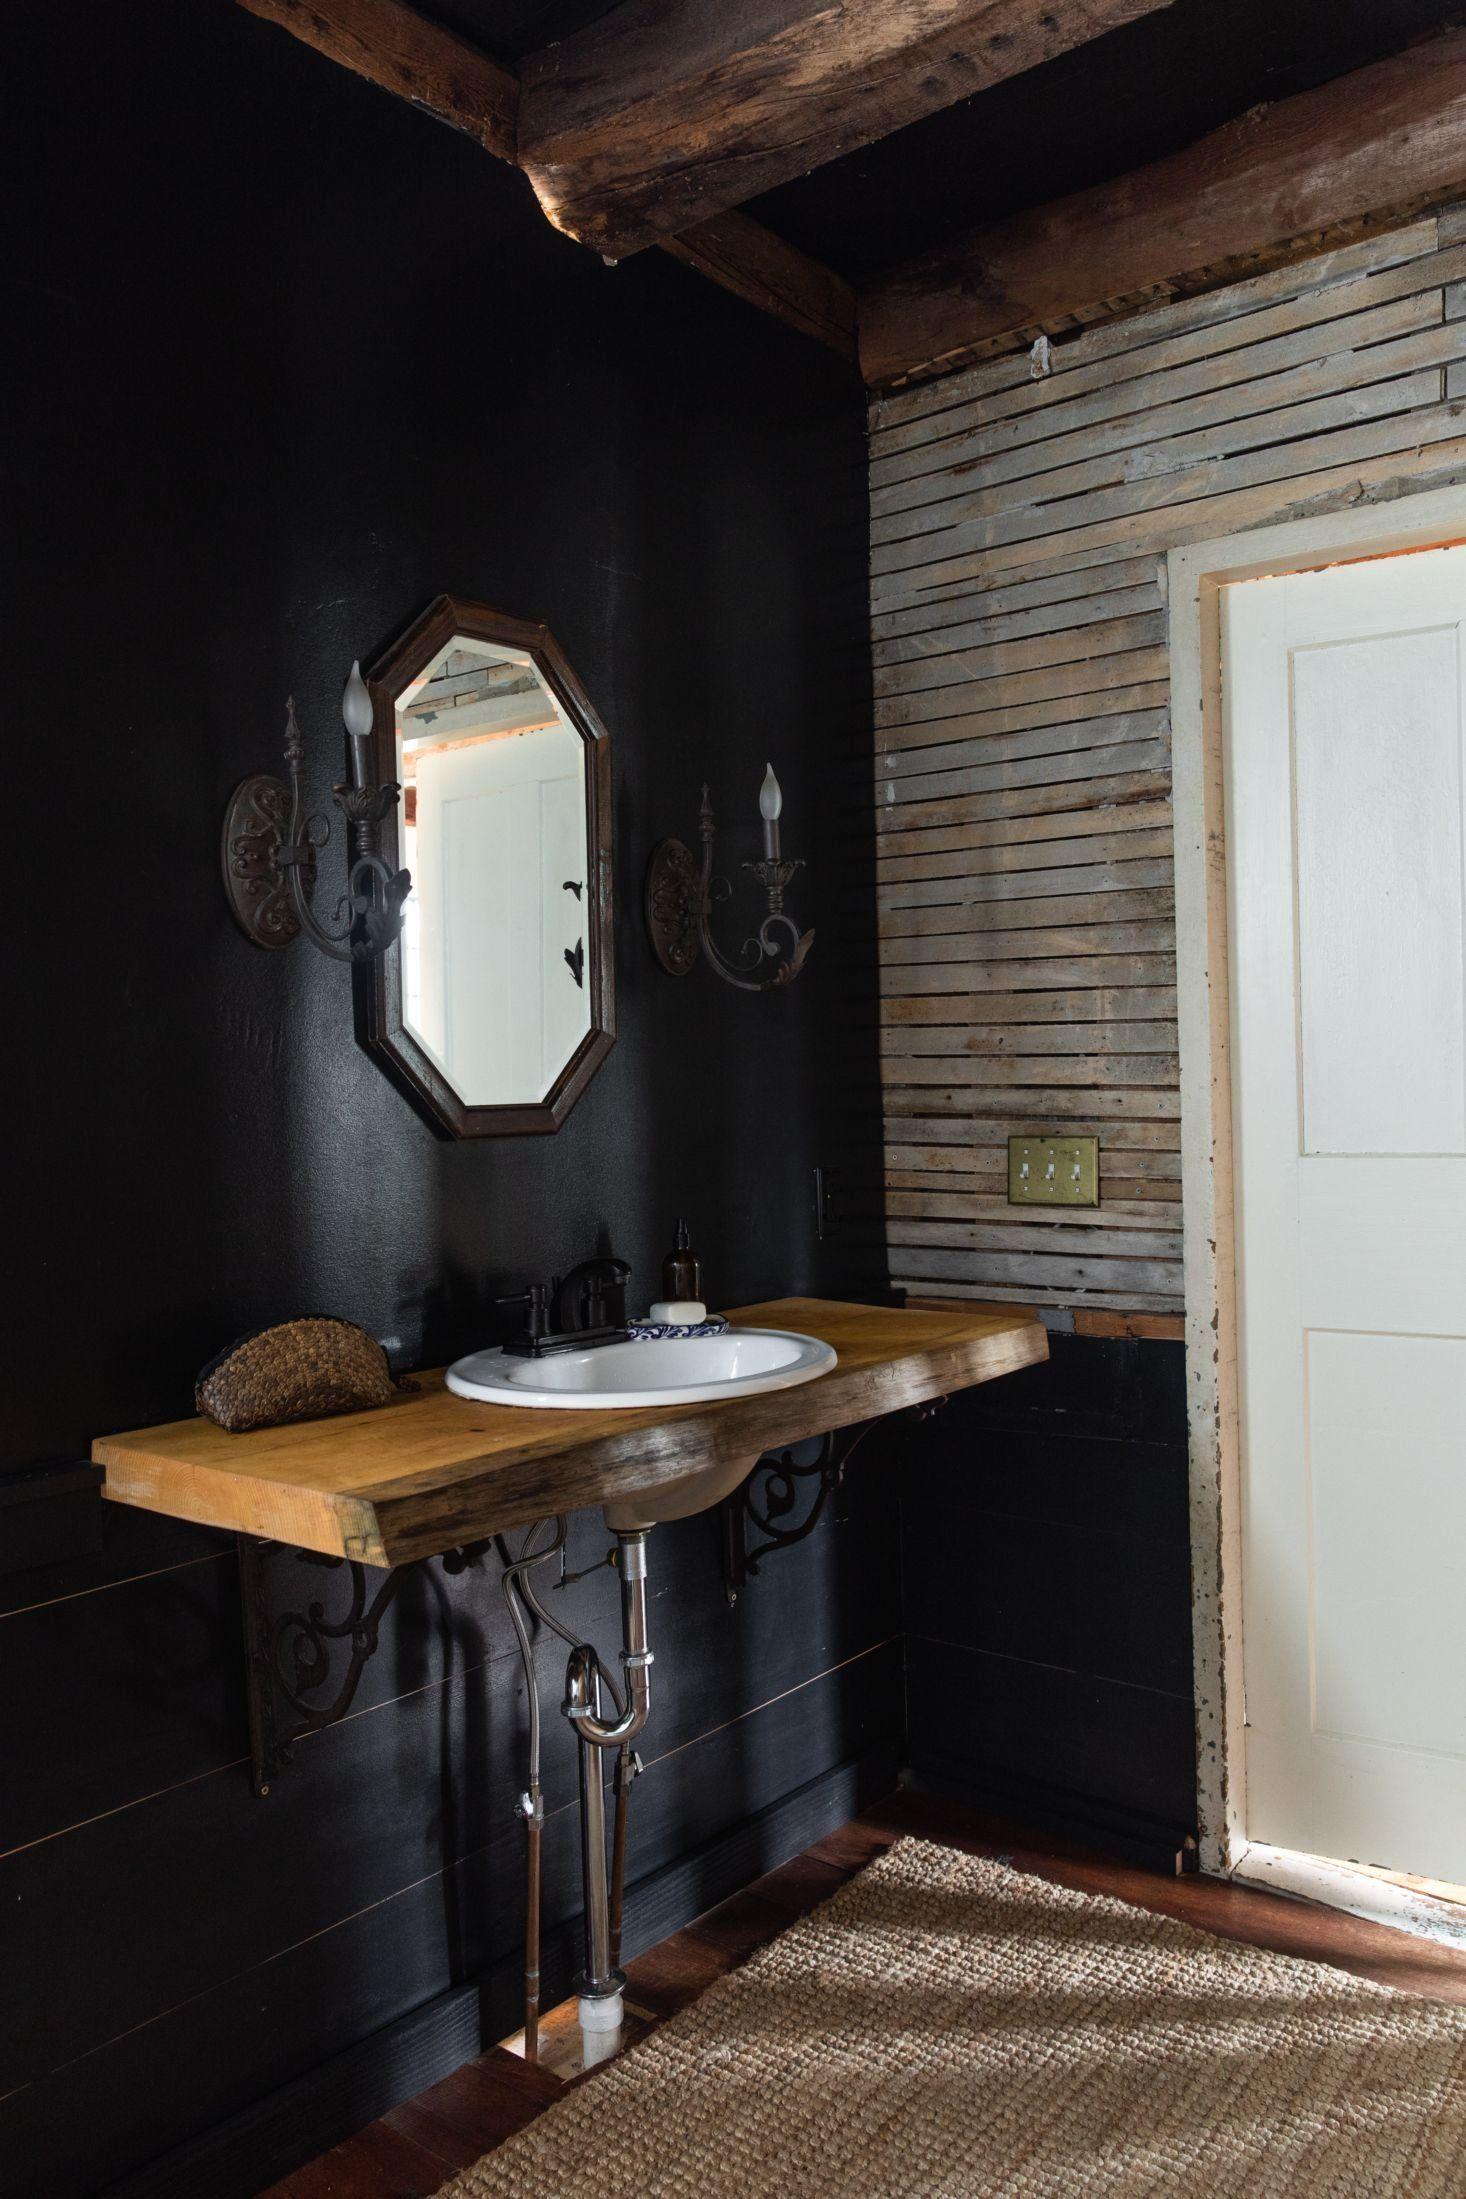 The House That Craigslist Built A Bare Bones Farmhouse In Midcoast Maine Remodelista 1000 Nel 2020 Bagno Nero Parete Nera Idee Di Design